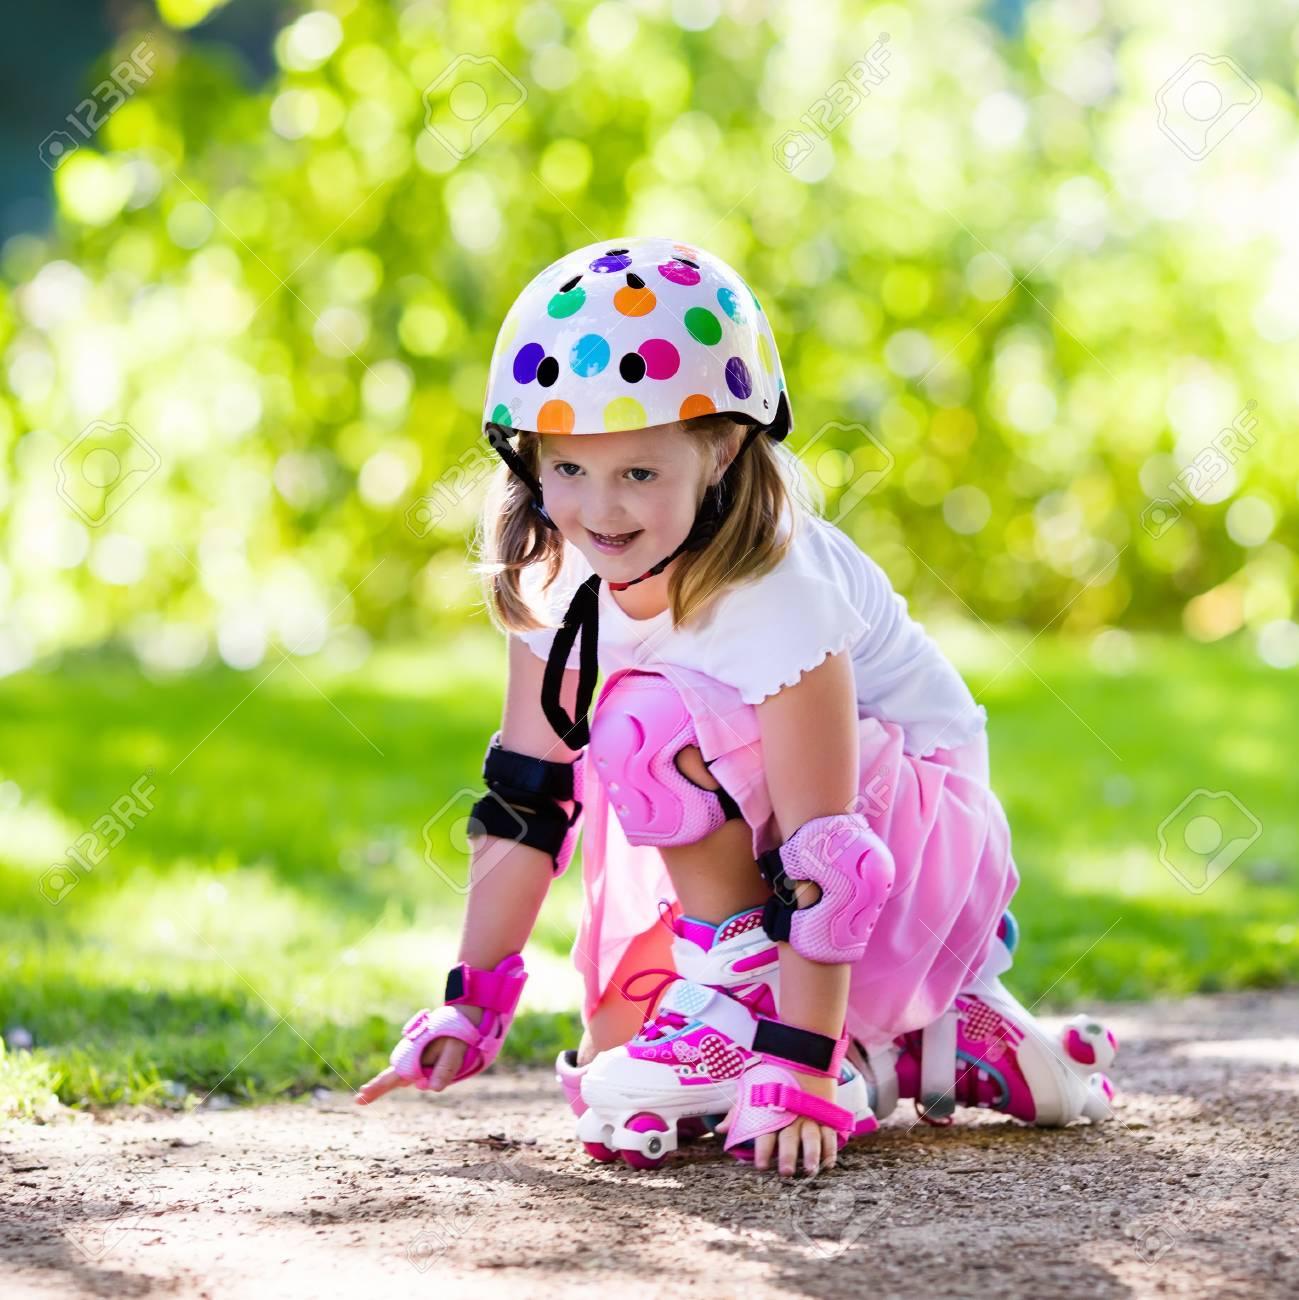 Child Kid Bicycle Roller Skate Blade Protective Helmet Knee Elbow Wrist Pad